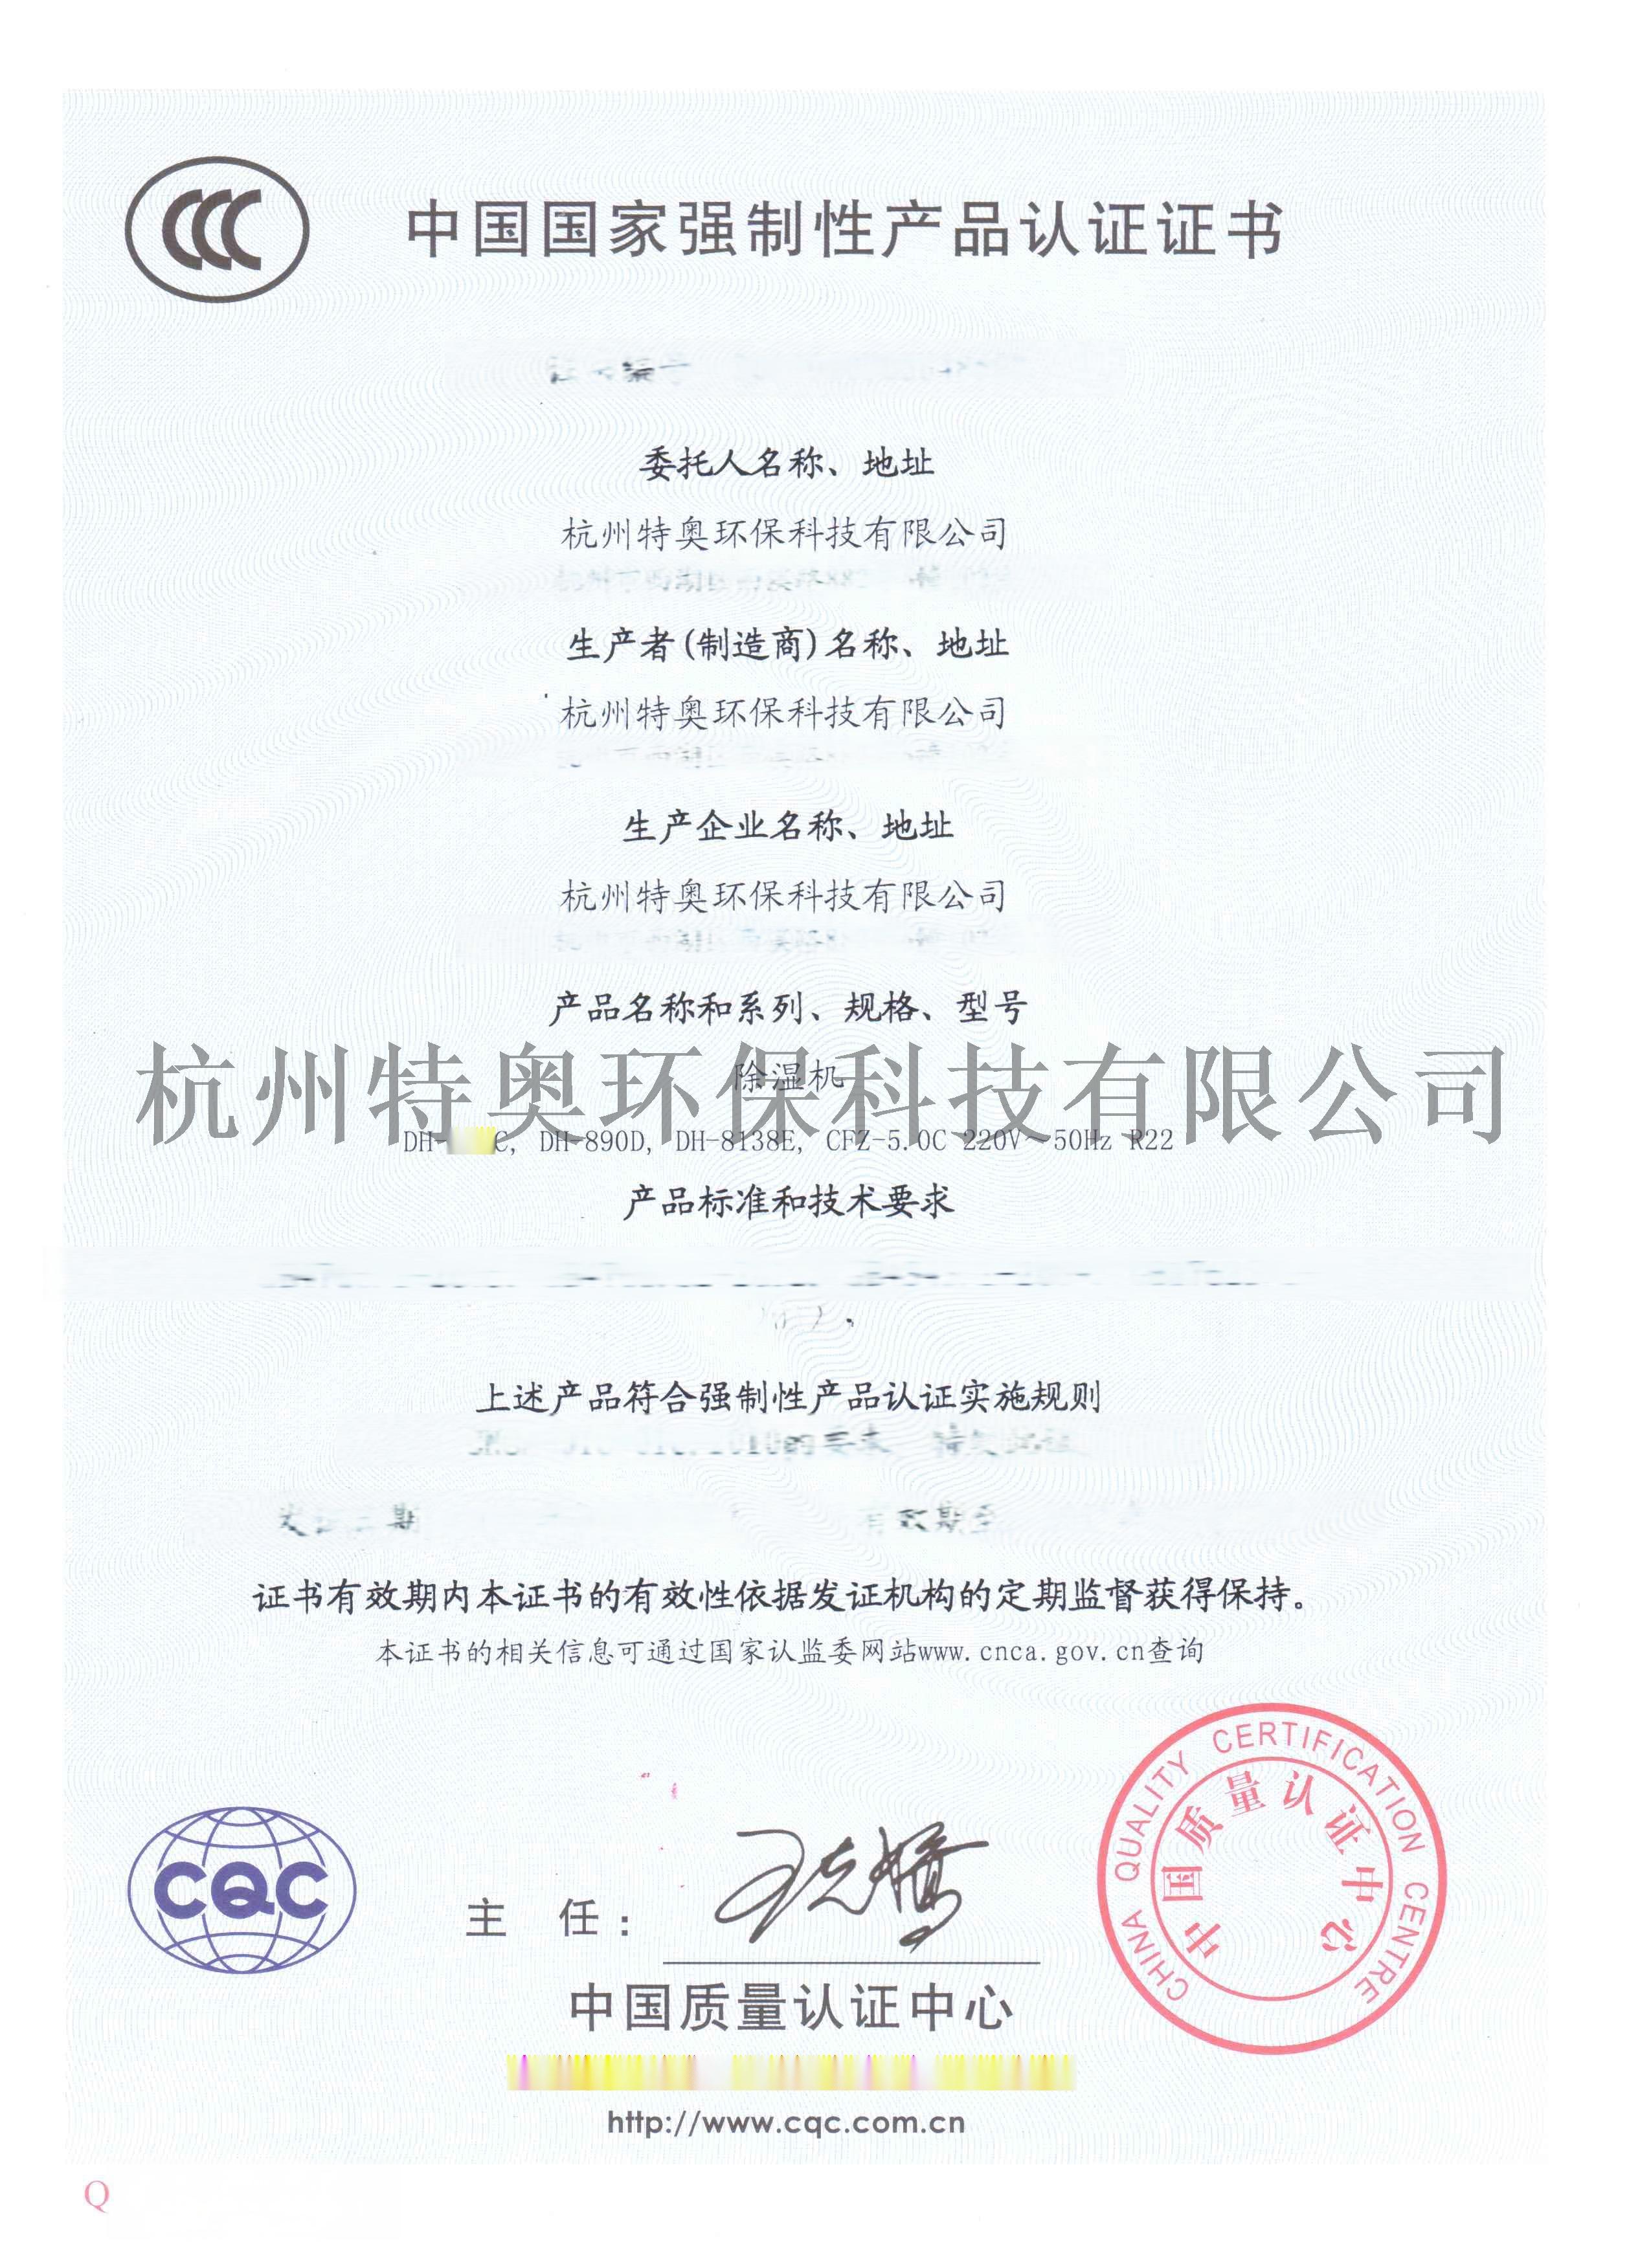 DH-890C 890D CCC证书.jpg